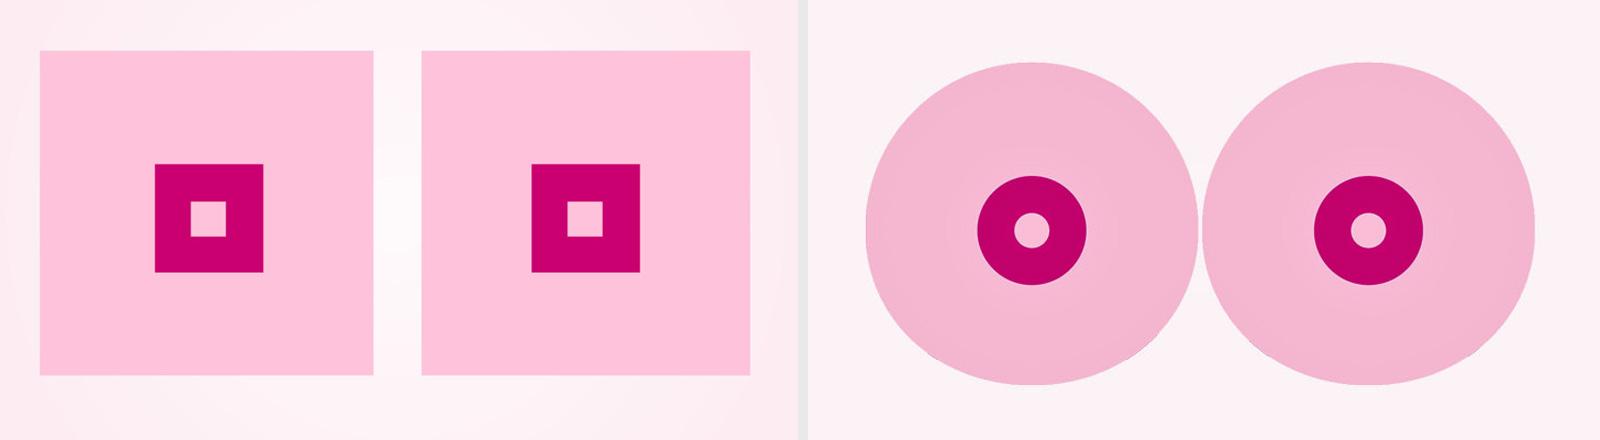 Rechts im Bild zwei rosa Vierecke, in der Mitte mit roten Vierecken. Links eine Animation von Brüsten: Zwei rosa Kreise. In der Mitte mit roten Kreisen.